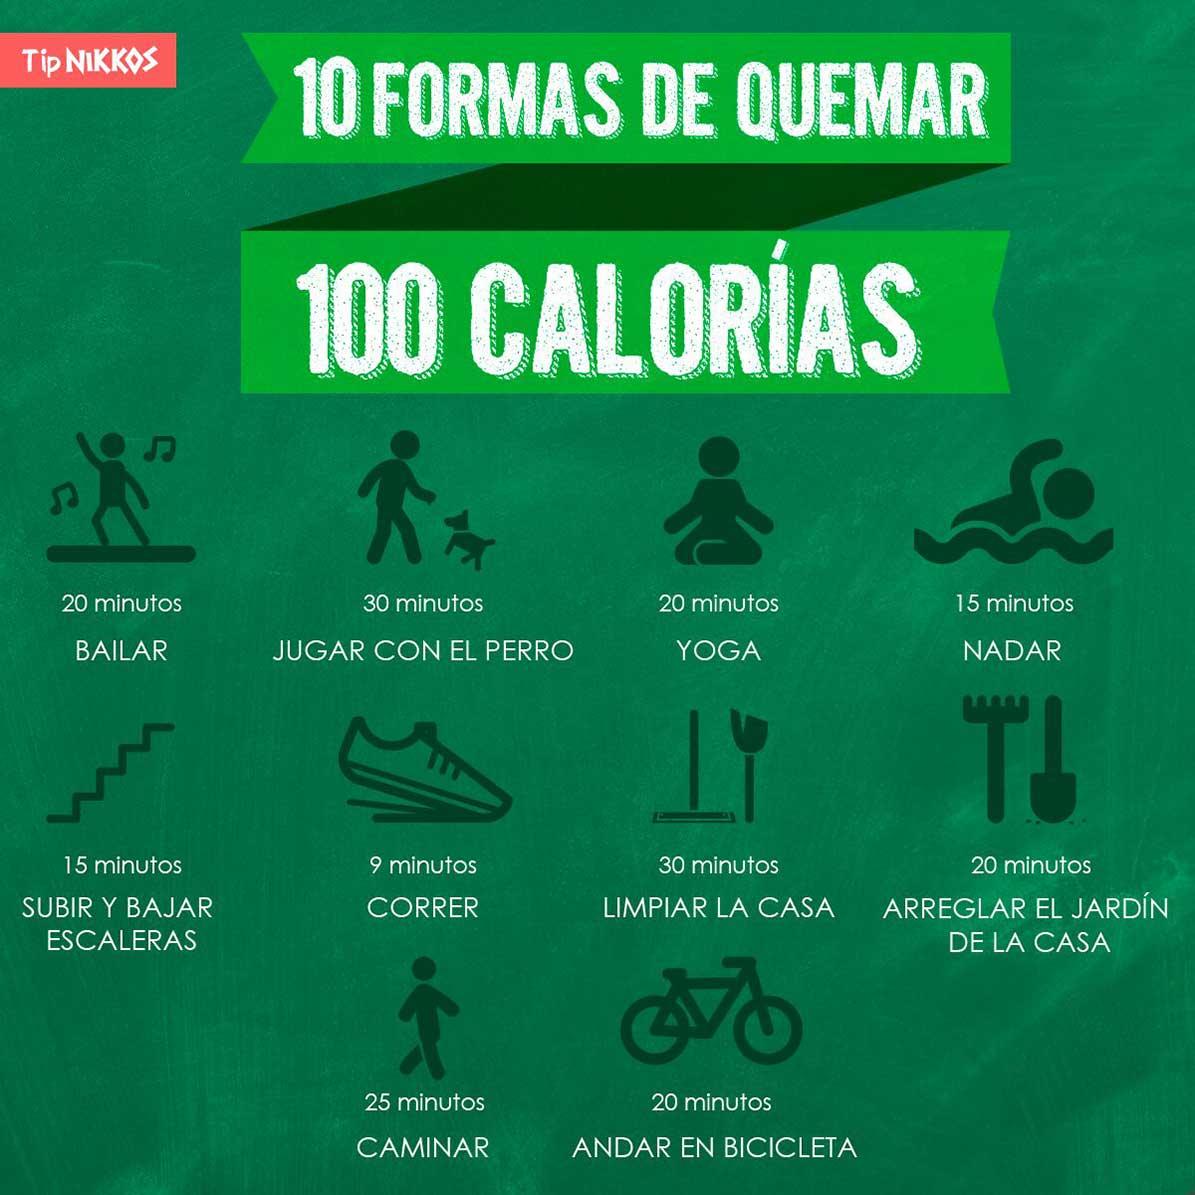 Diez formas de quemar calorias